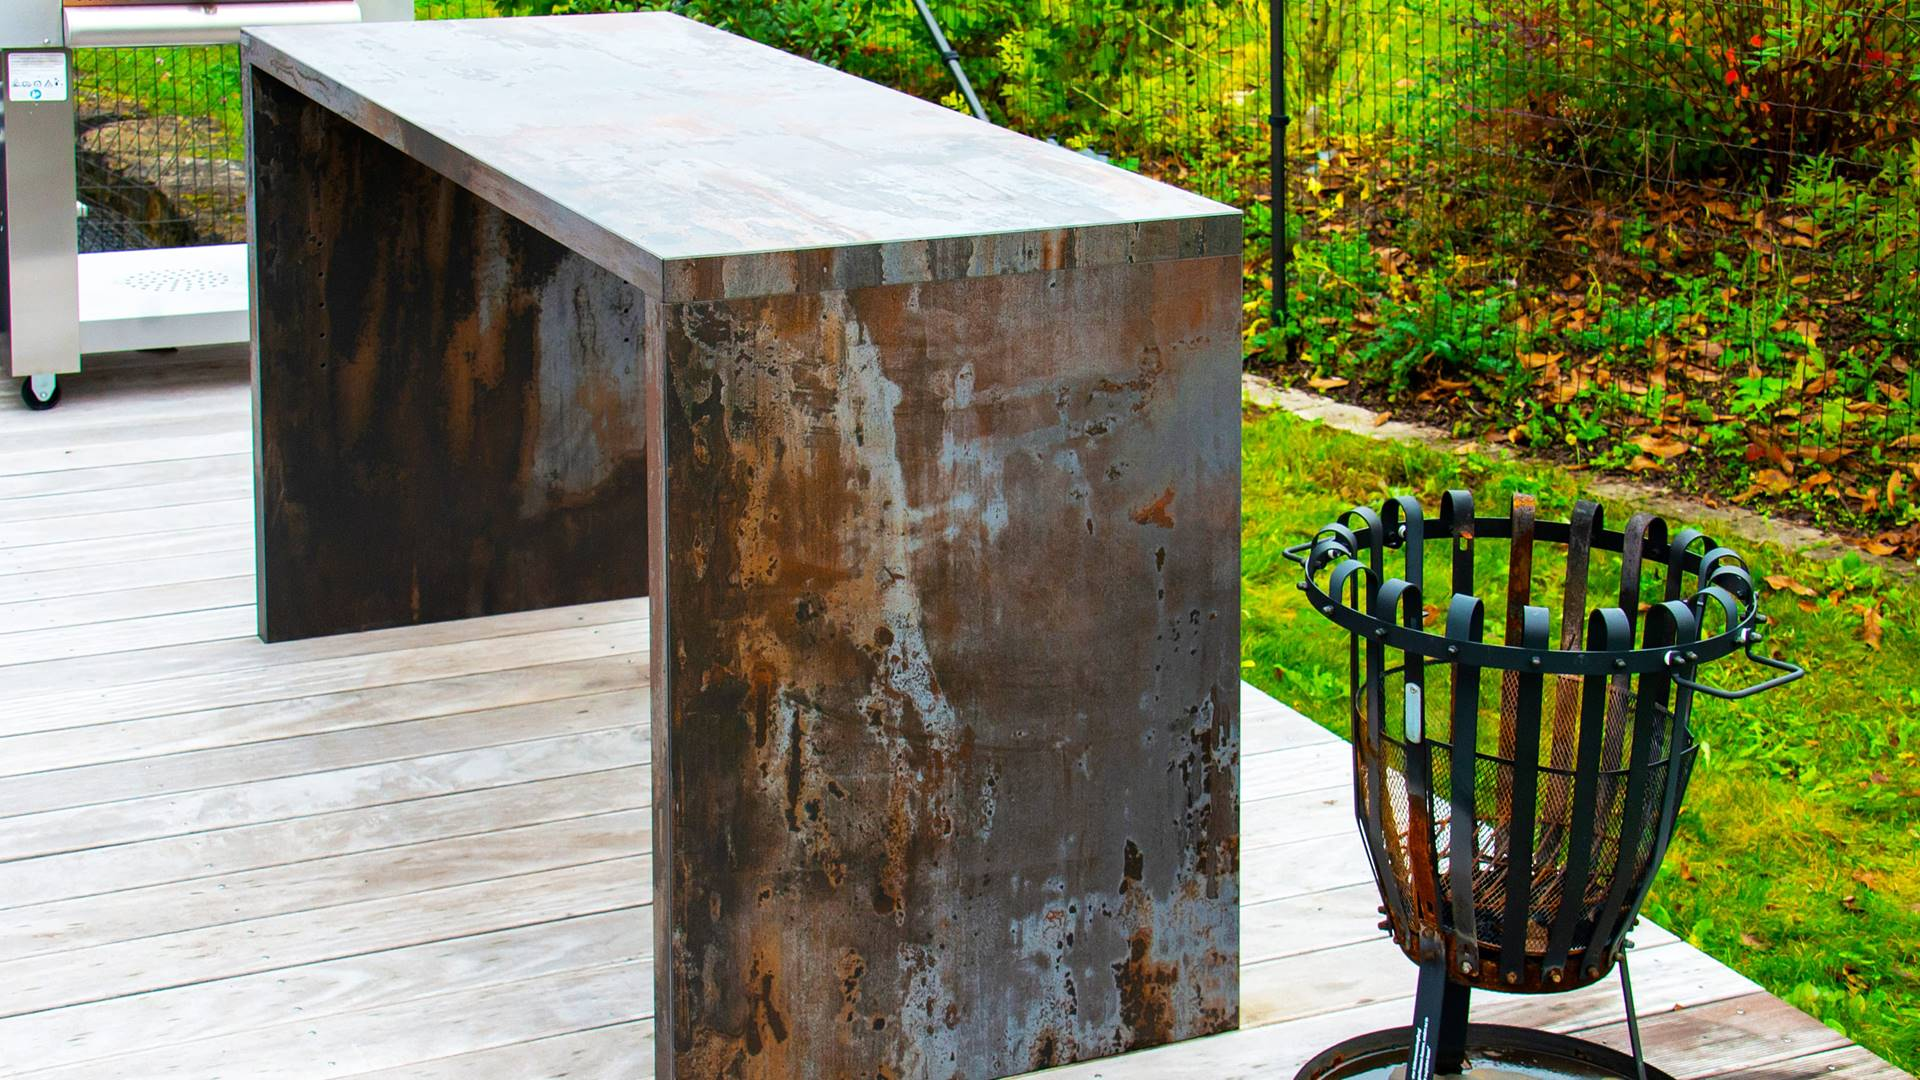 Full Size of Thekenstuhl Outdoor Thekentisch Theke Bauen Selber Apothekerschrank Küche U Form Mit Edelstahl Kaufen Wohnzimmer Outdoor Theke